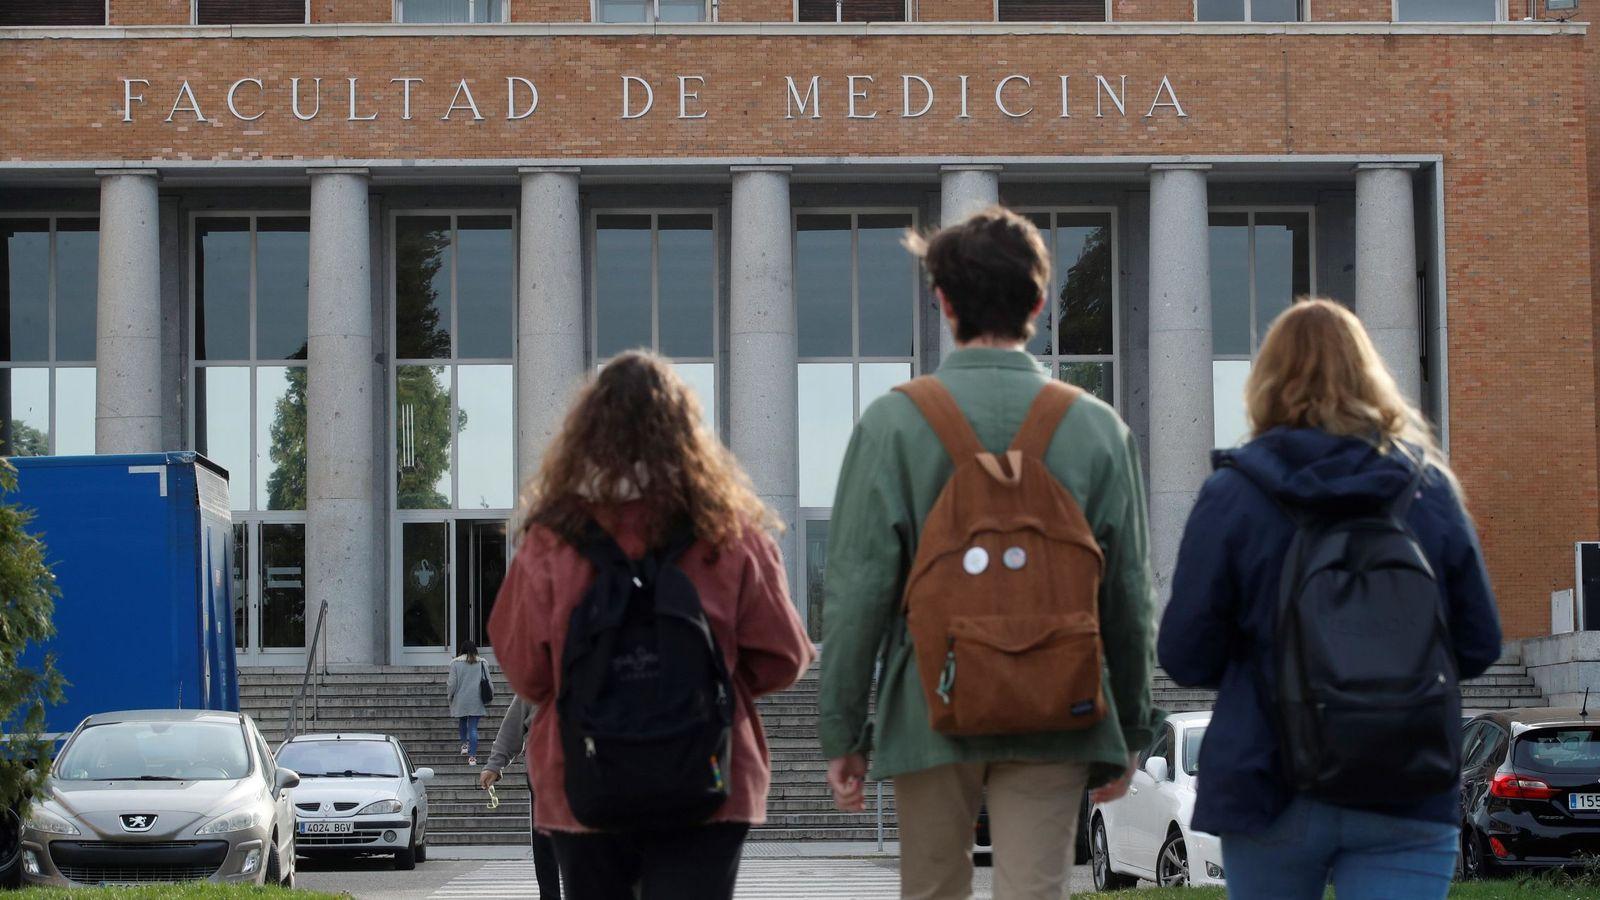 Los Mejores Cursos Gratuitos Online De Las Universidades Espanolas Mas Prestigiosas